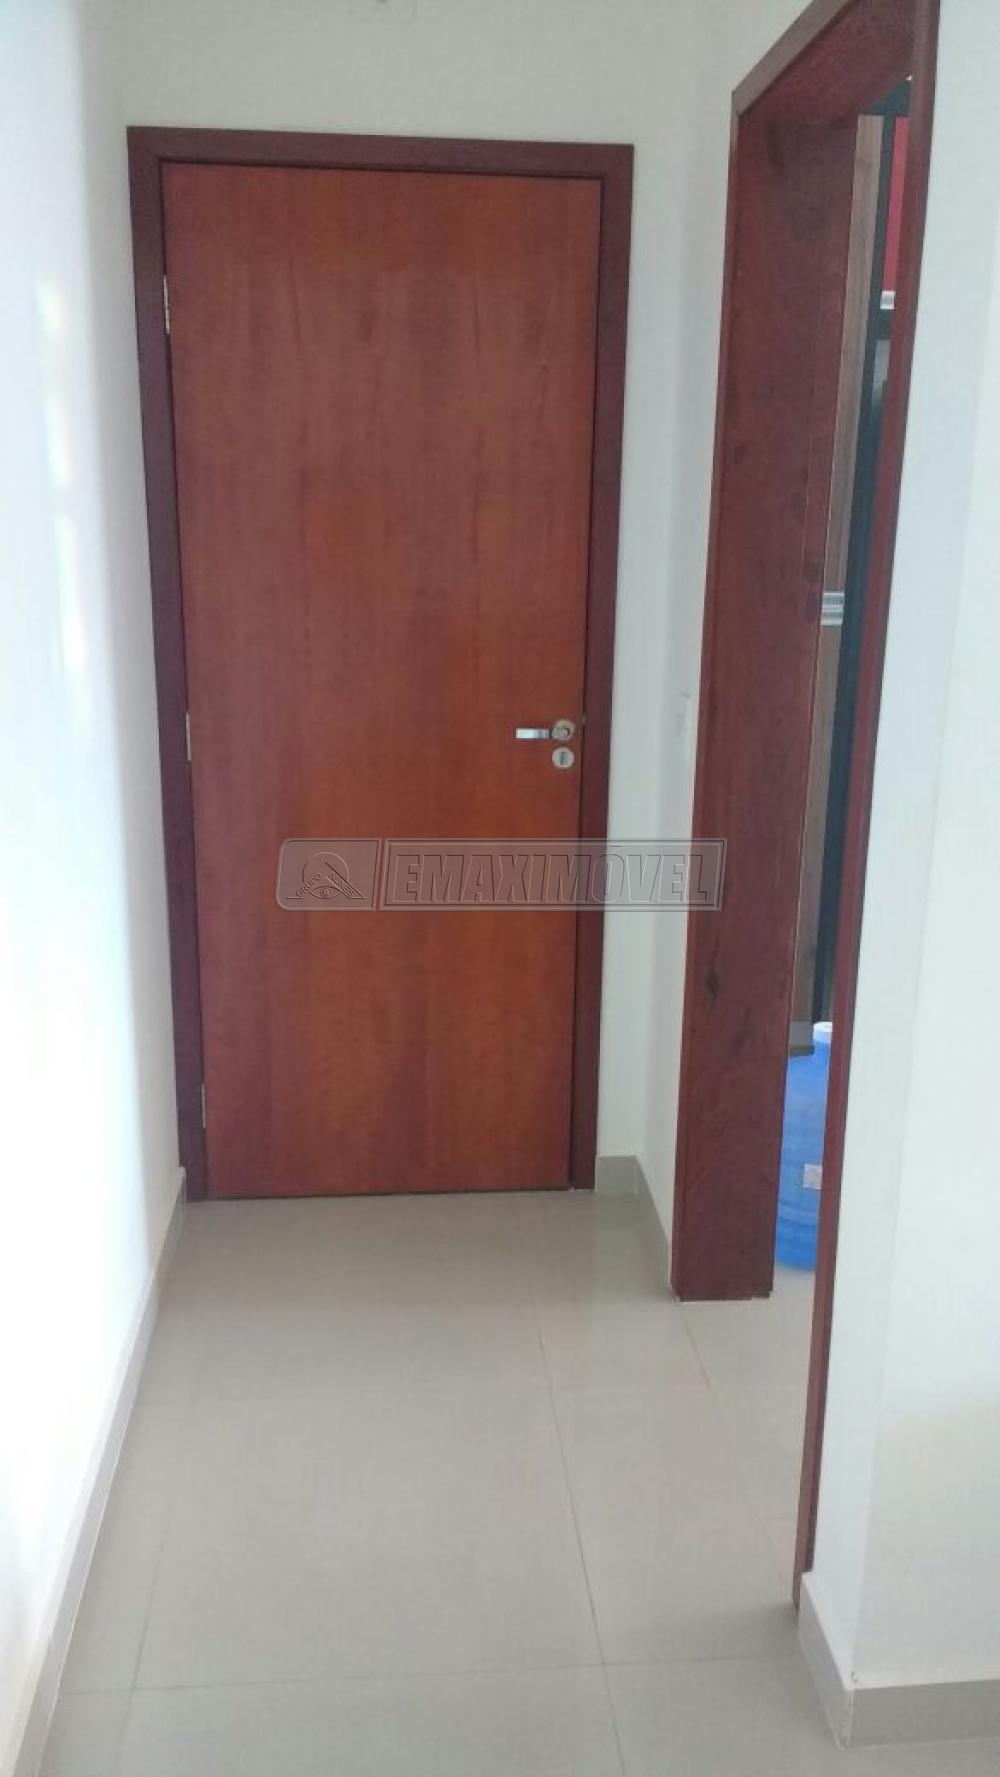 Comprar Apartamentos / Apto Padrão em Sorocaba apenas R$ 370.000,00 - Foto 8